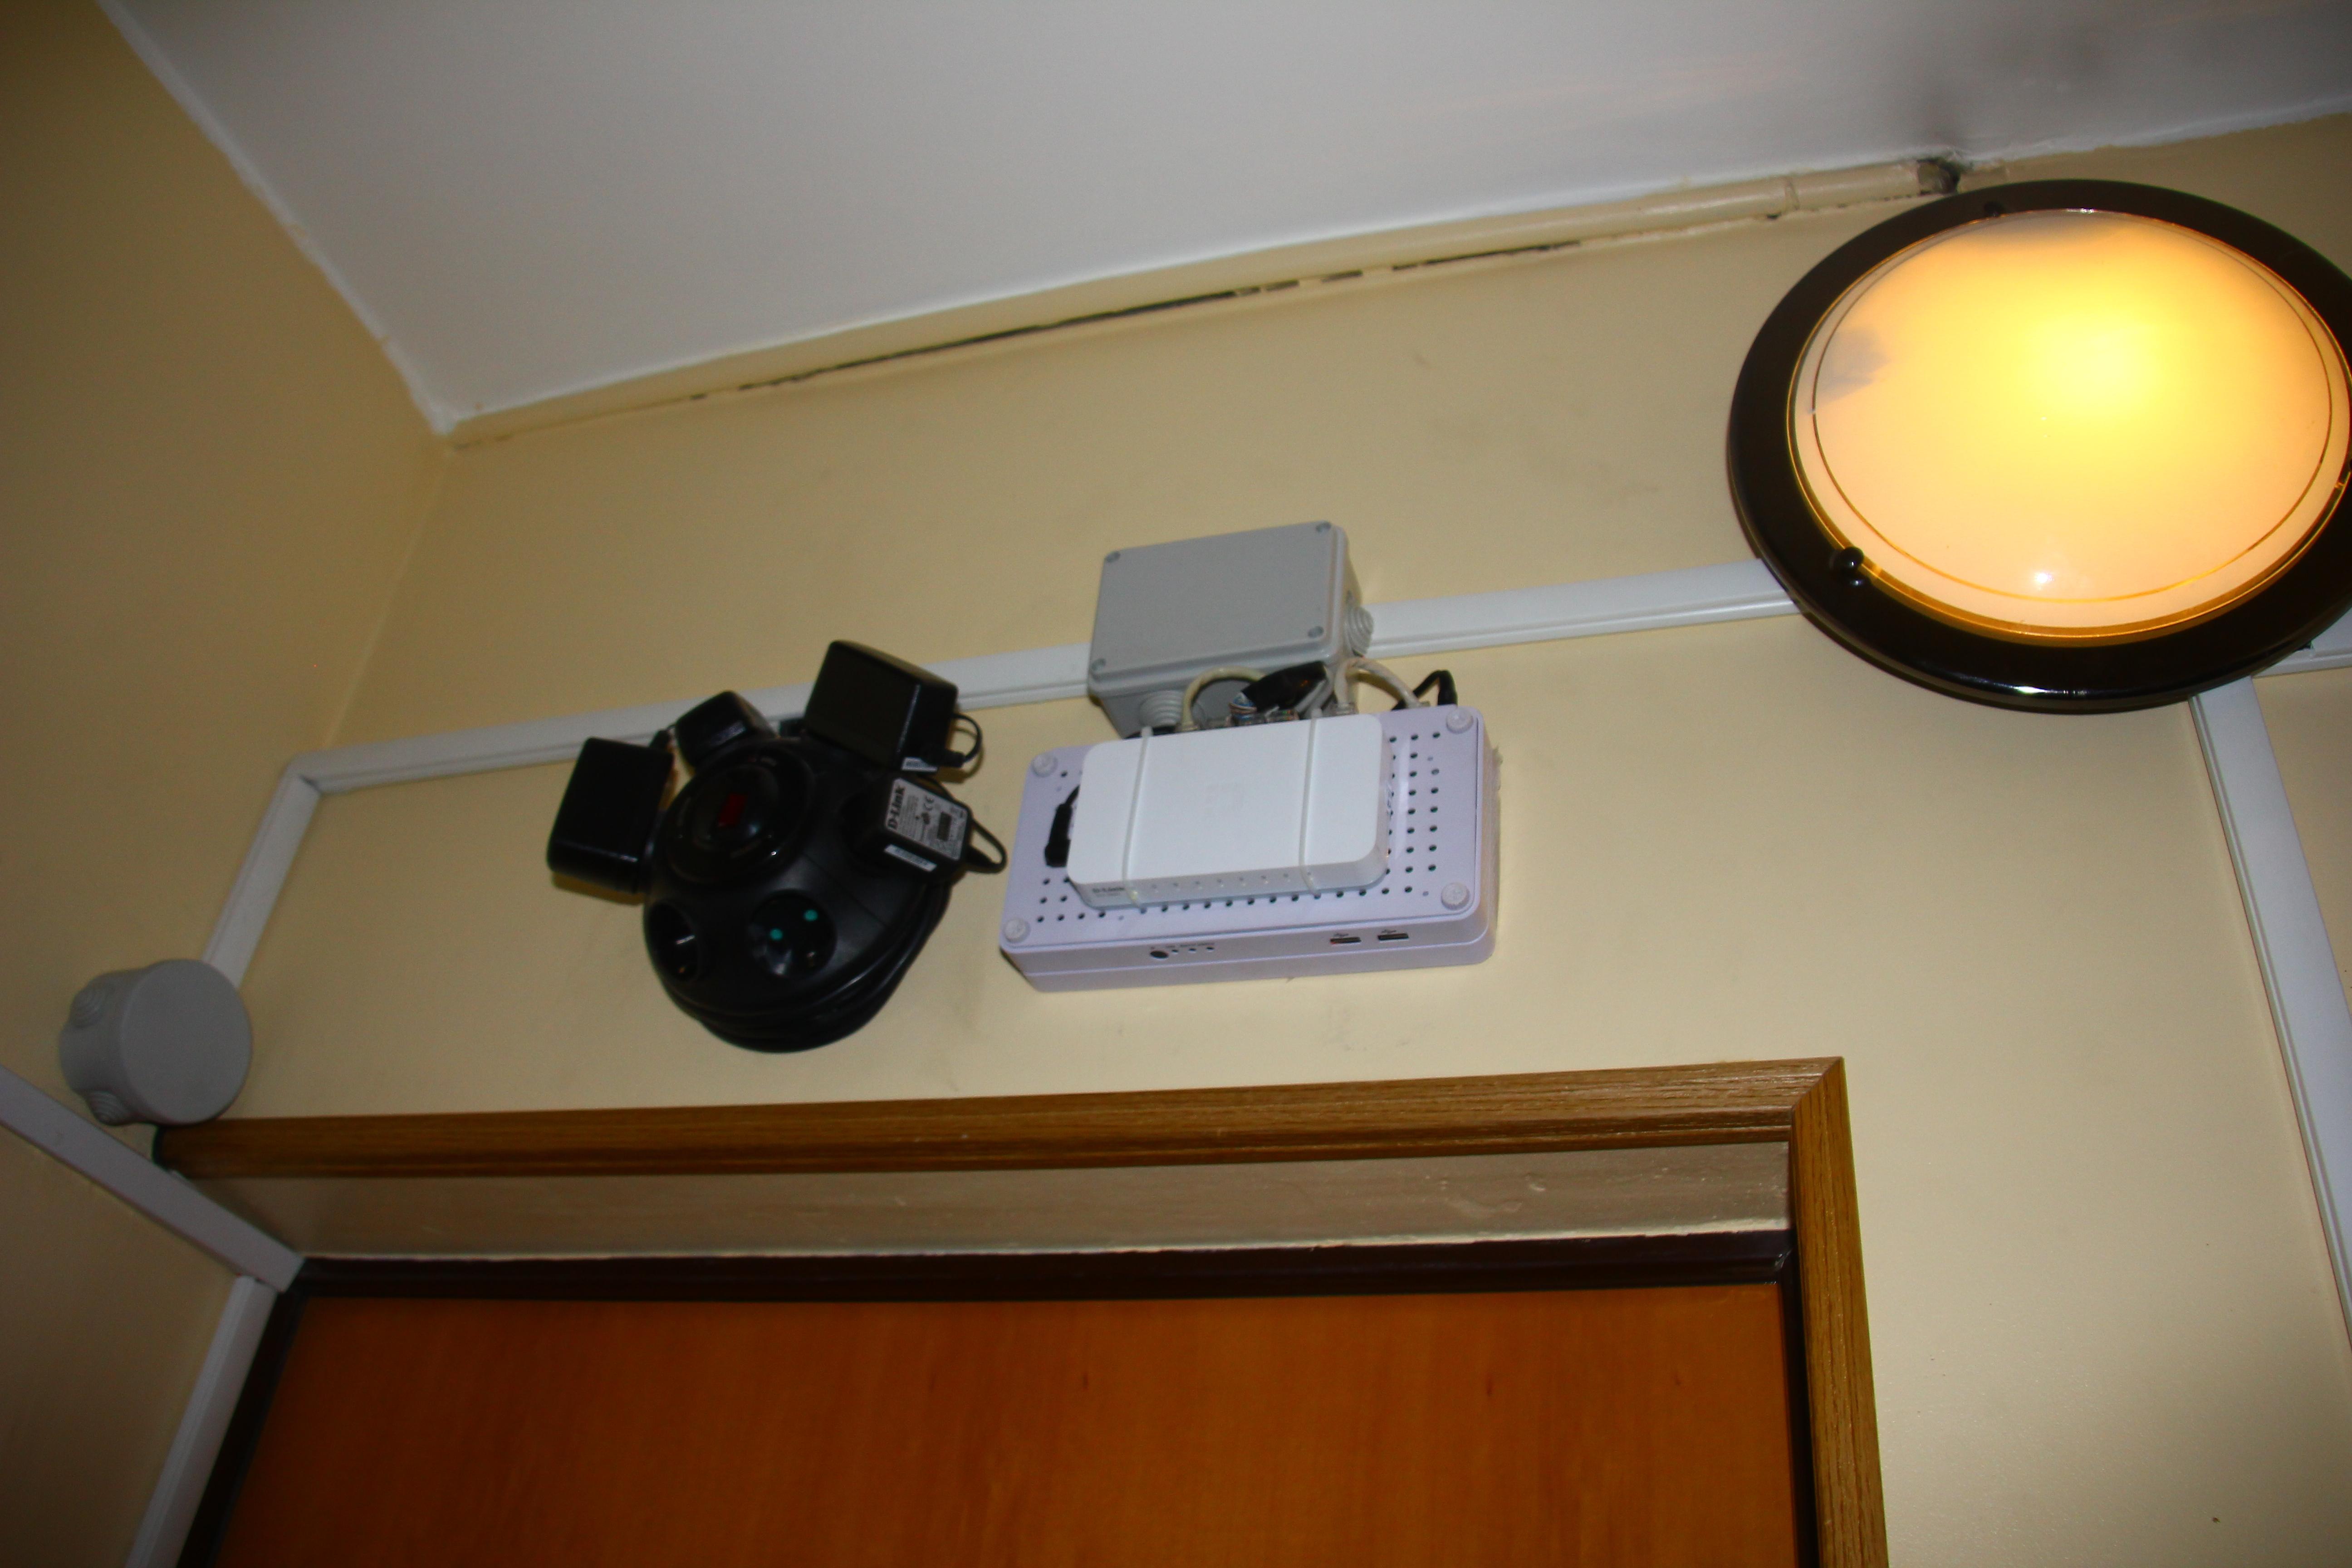 Как установить камеру дома своими руками